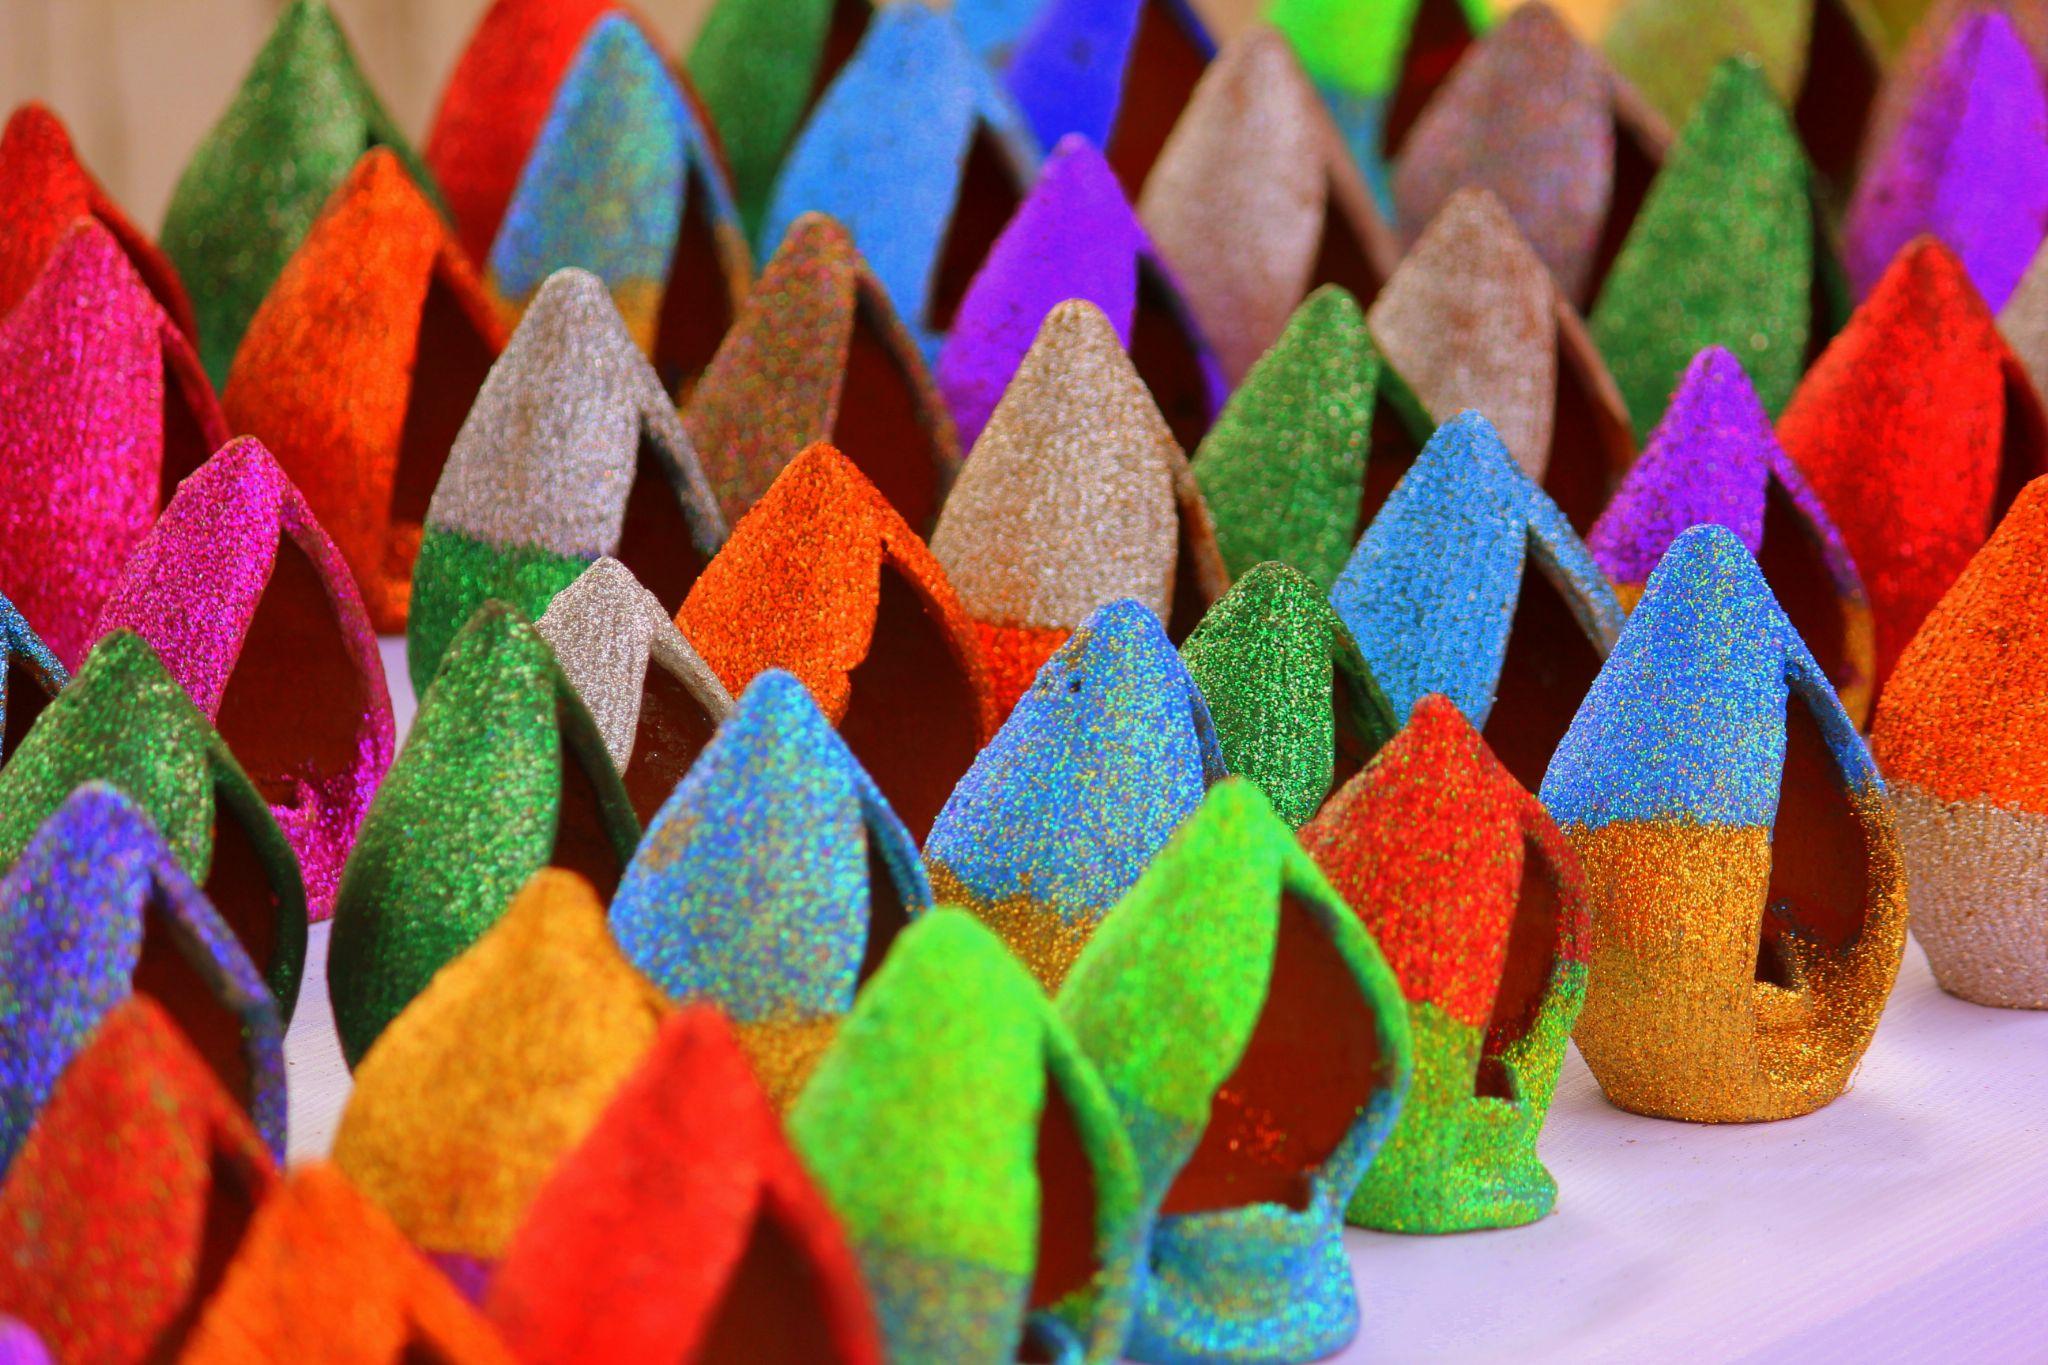 artistic objects by Navin Paul